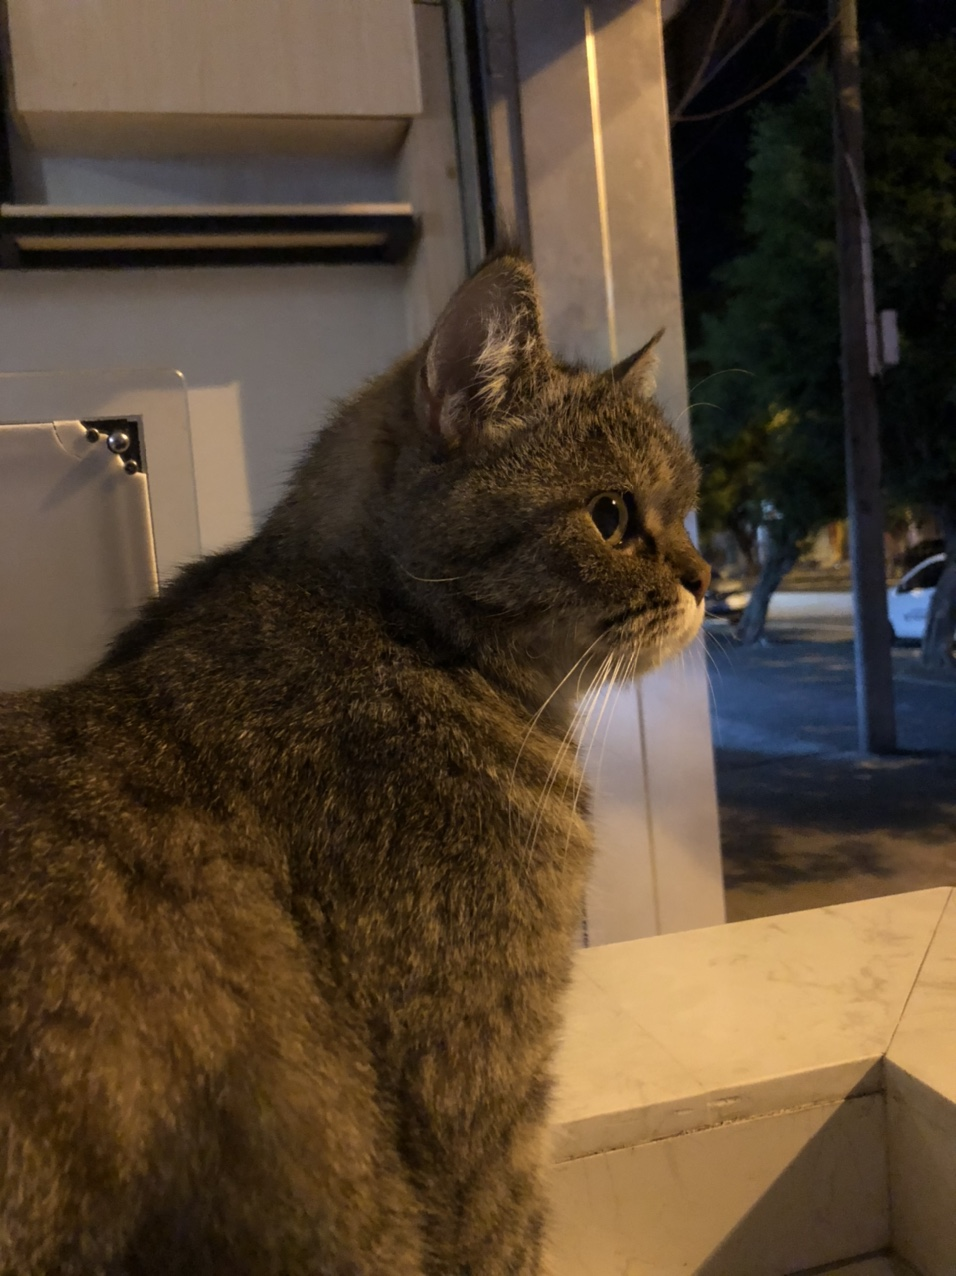 找爱猫人士收养此猫,感谢,